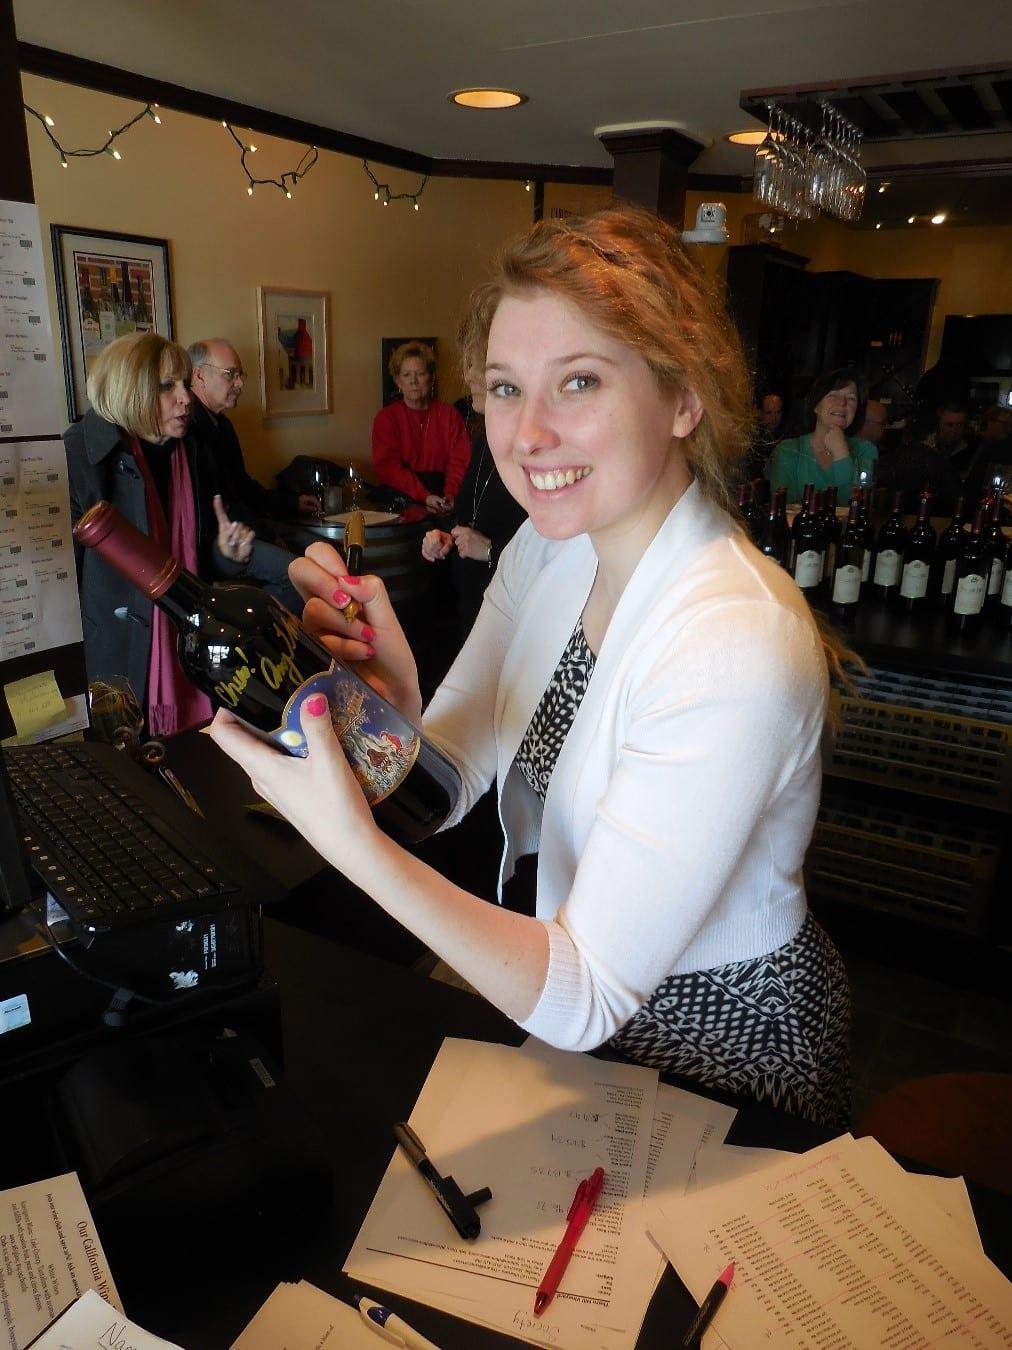 wine tasting lancaster pa, tasting room lancaster pa, wine lancaster pa, world class wines lancaster pa, wine tasting rooms lancaster pa